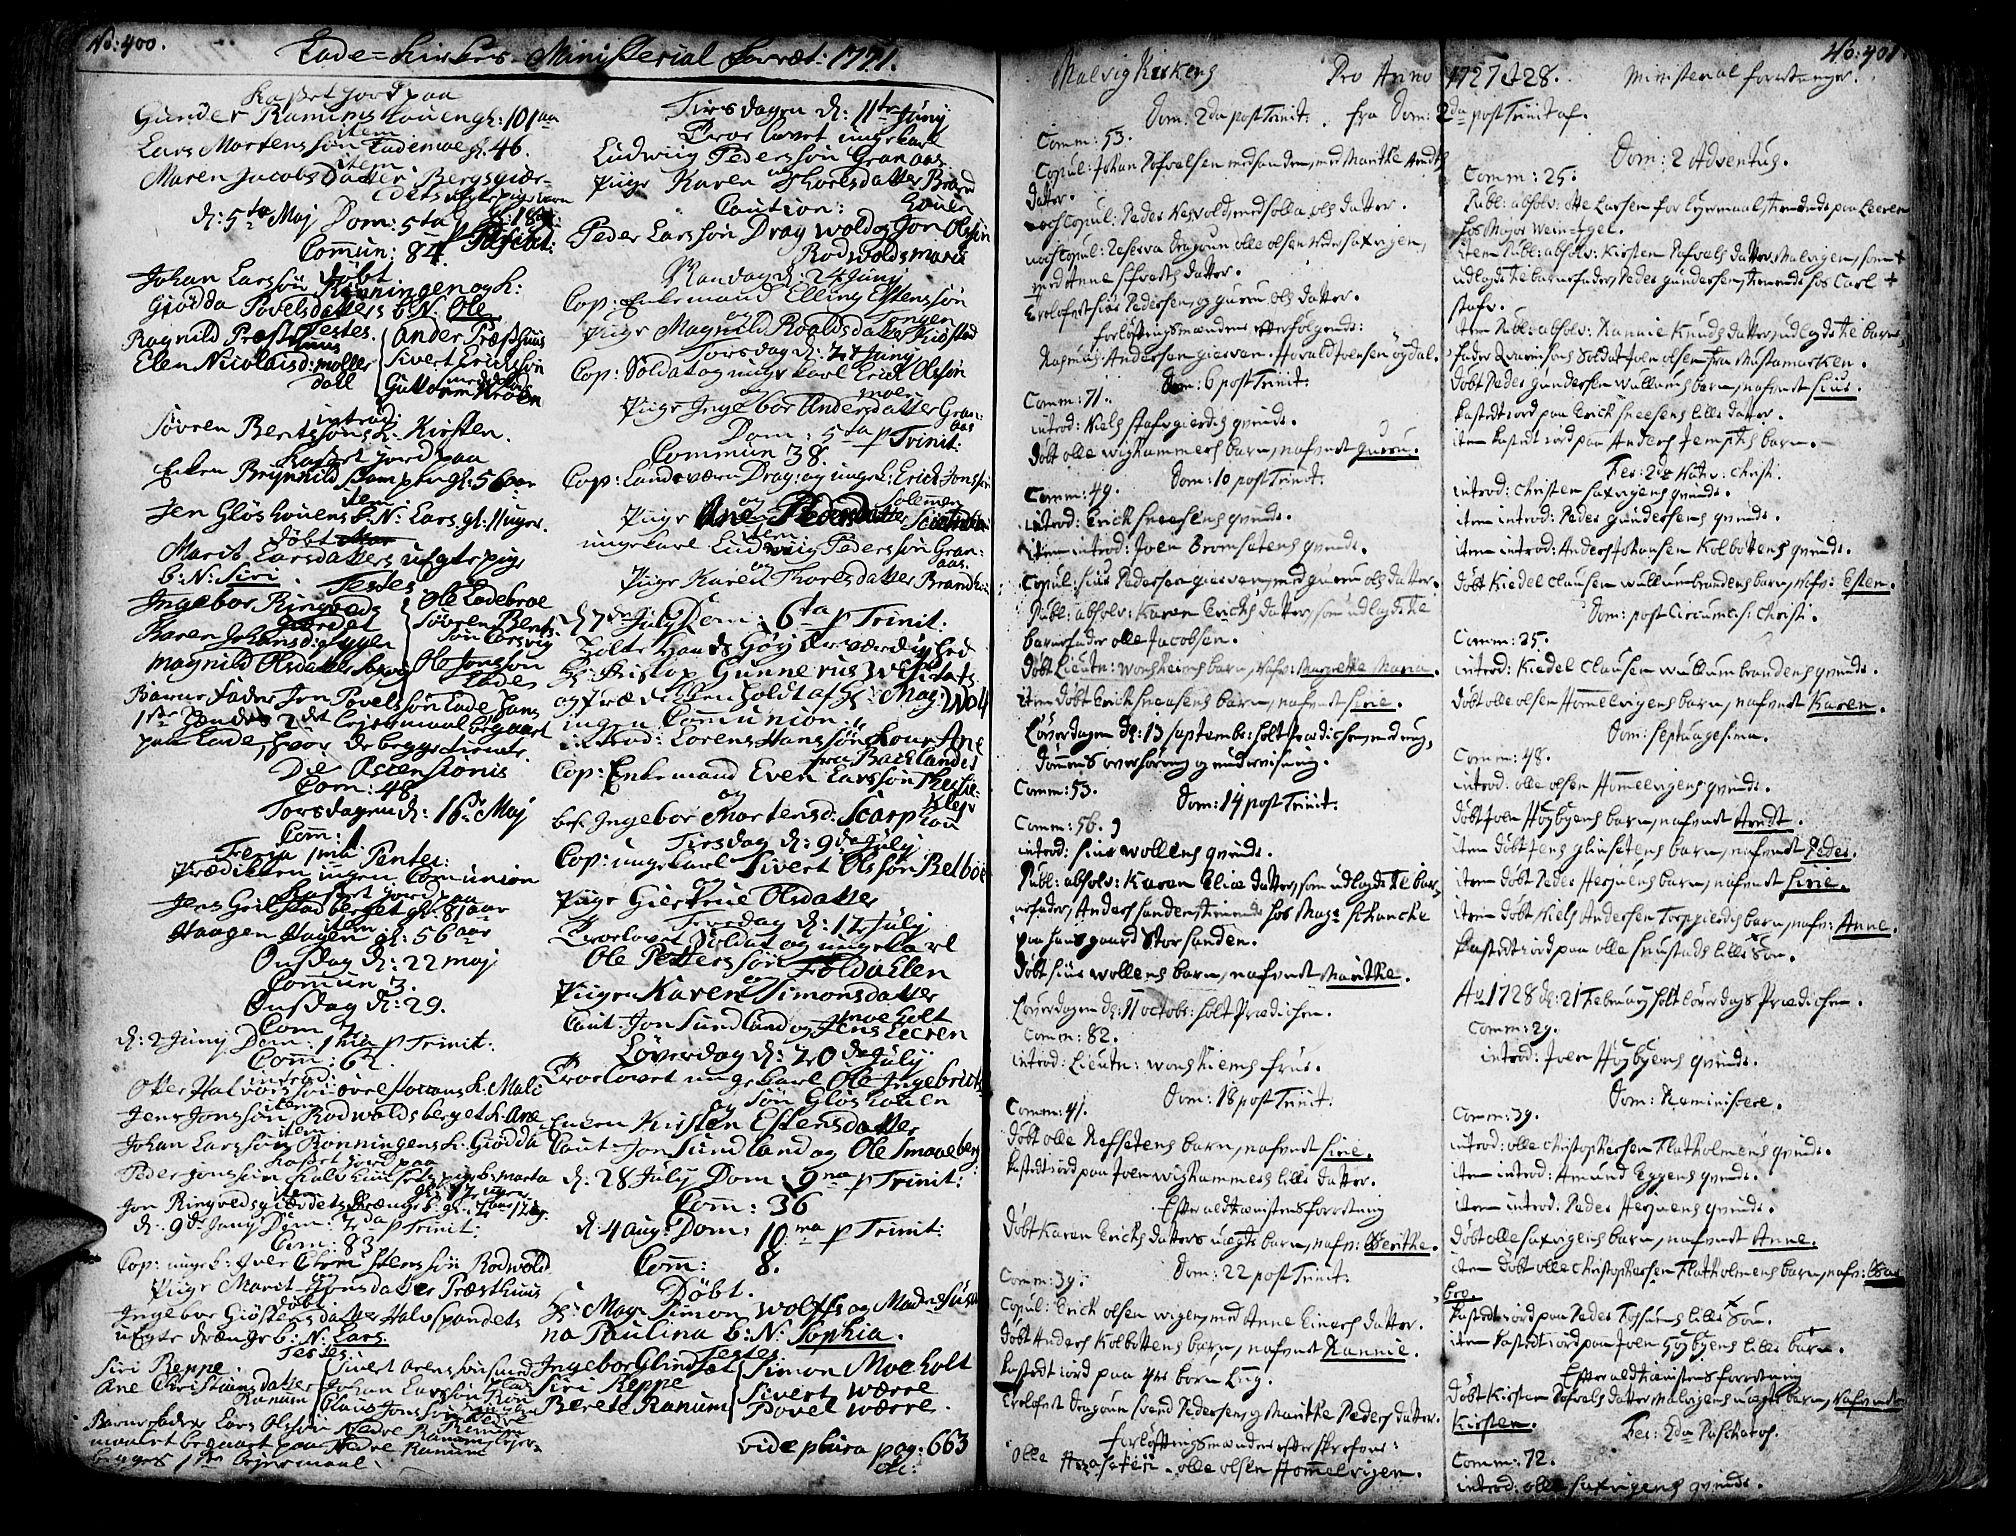 SAT, Ministerialprotokoller, klokkerbøker og fødselsregistre - Sør-Trøndelag, 606/L0275: Ministerialbok nr. 606A01 /1, 1727-1780, s. 400-401